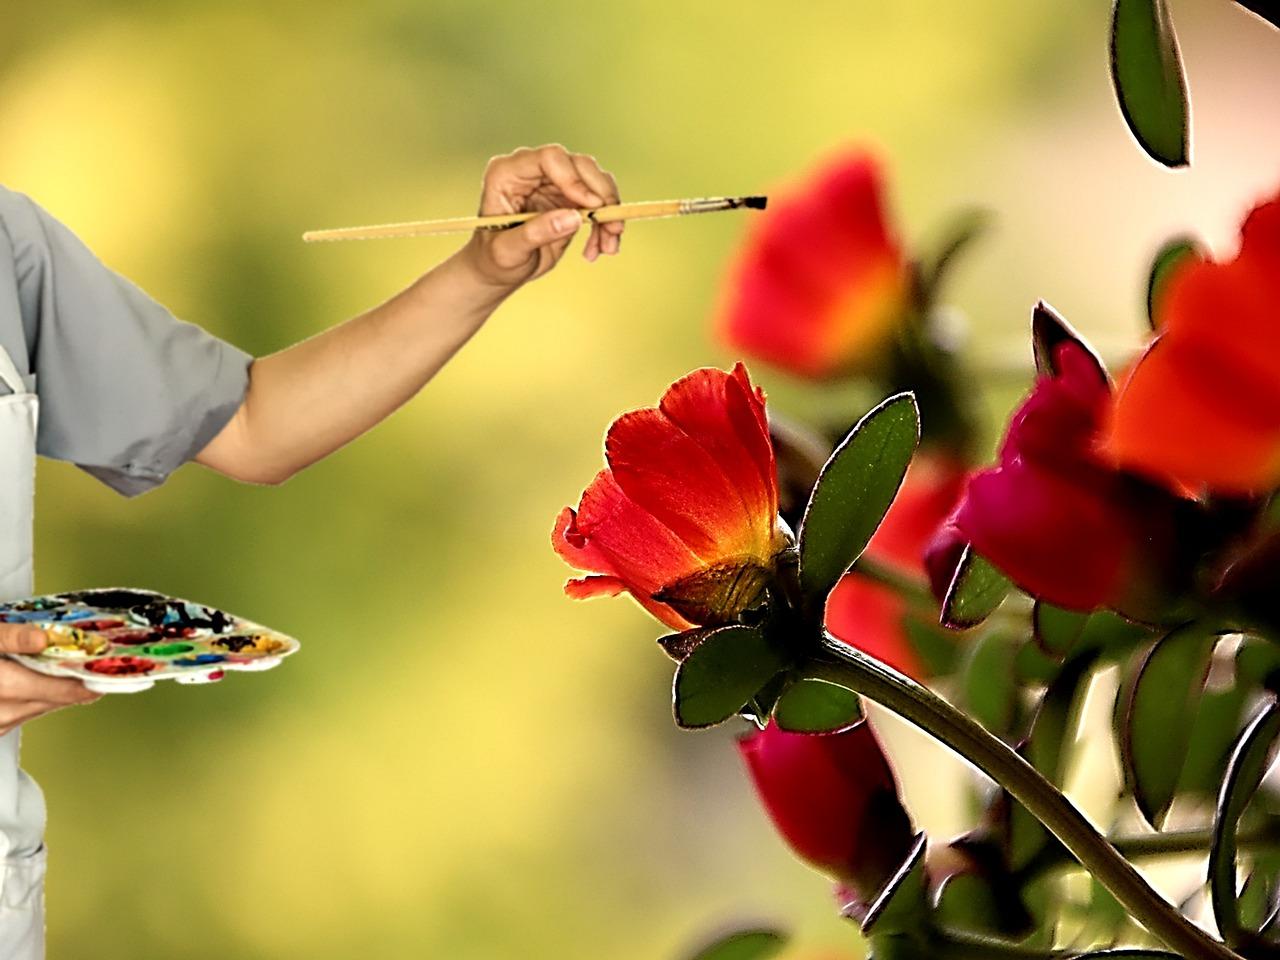 раскрасьте свою жизнь в любимые цвета картинки